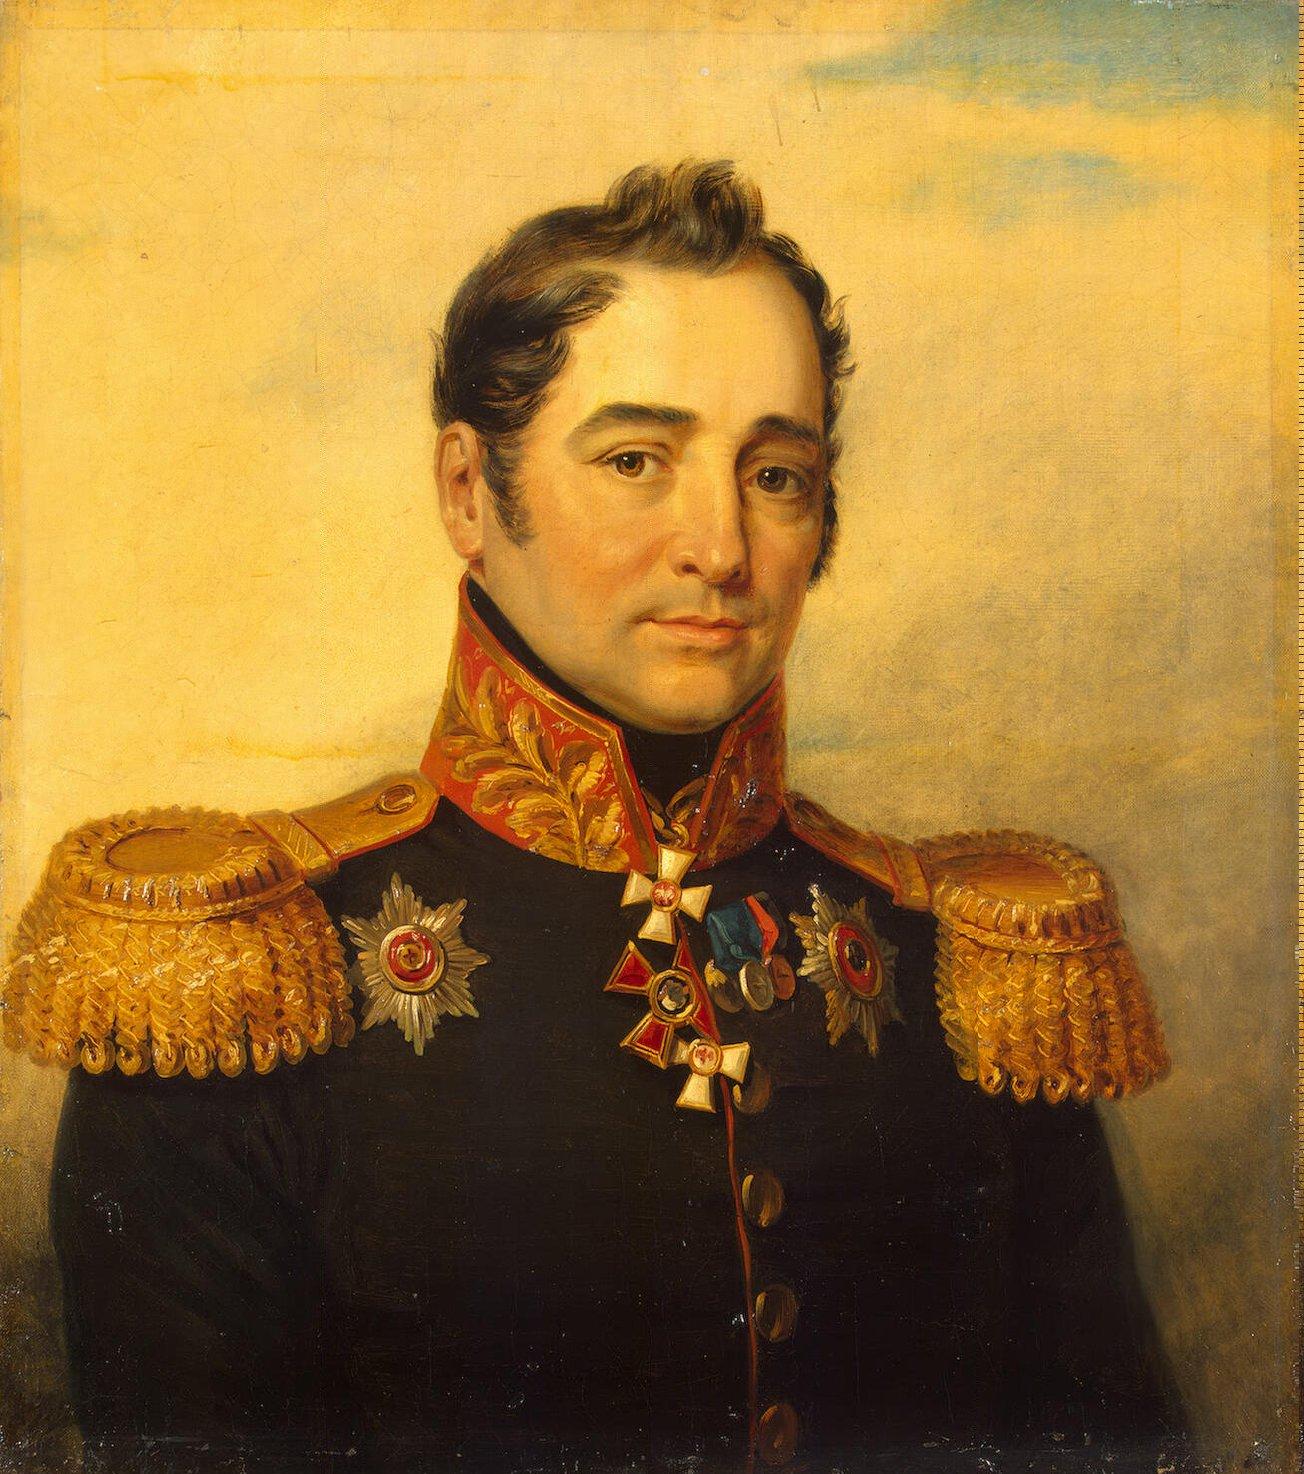 Властов, Егор Иванович